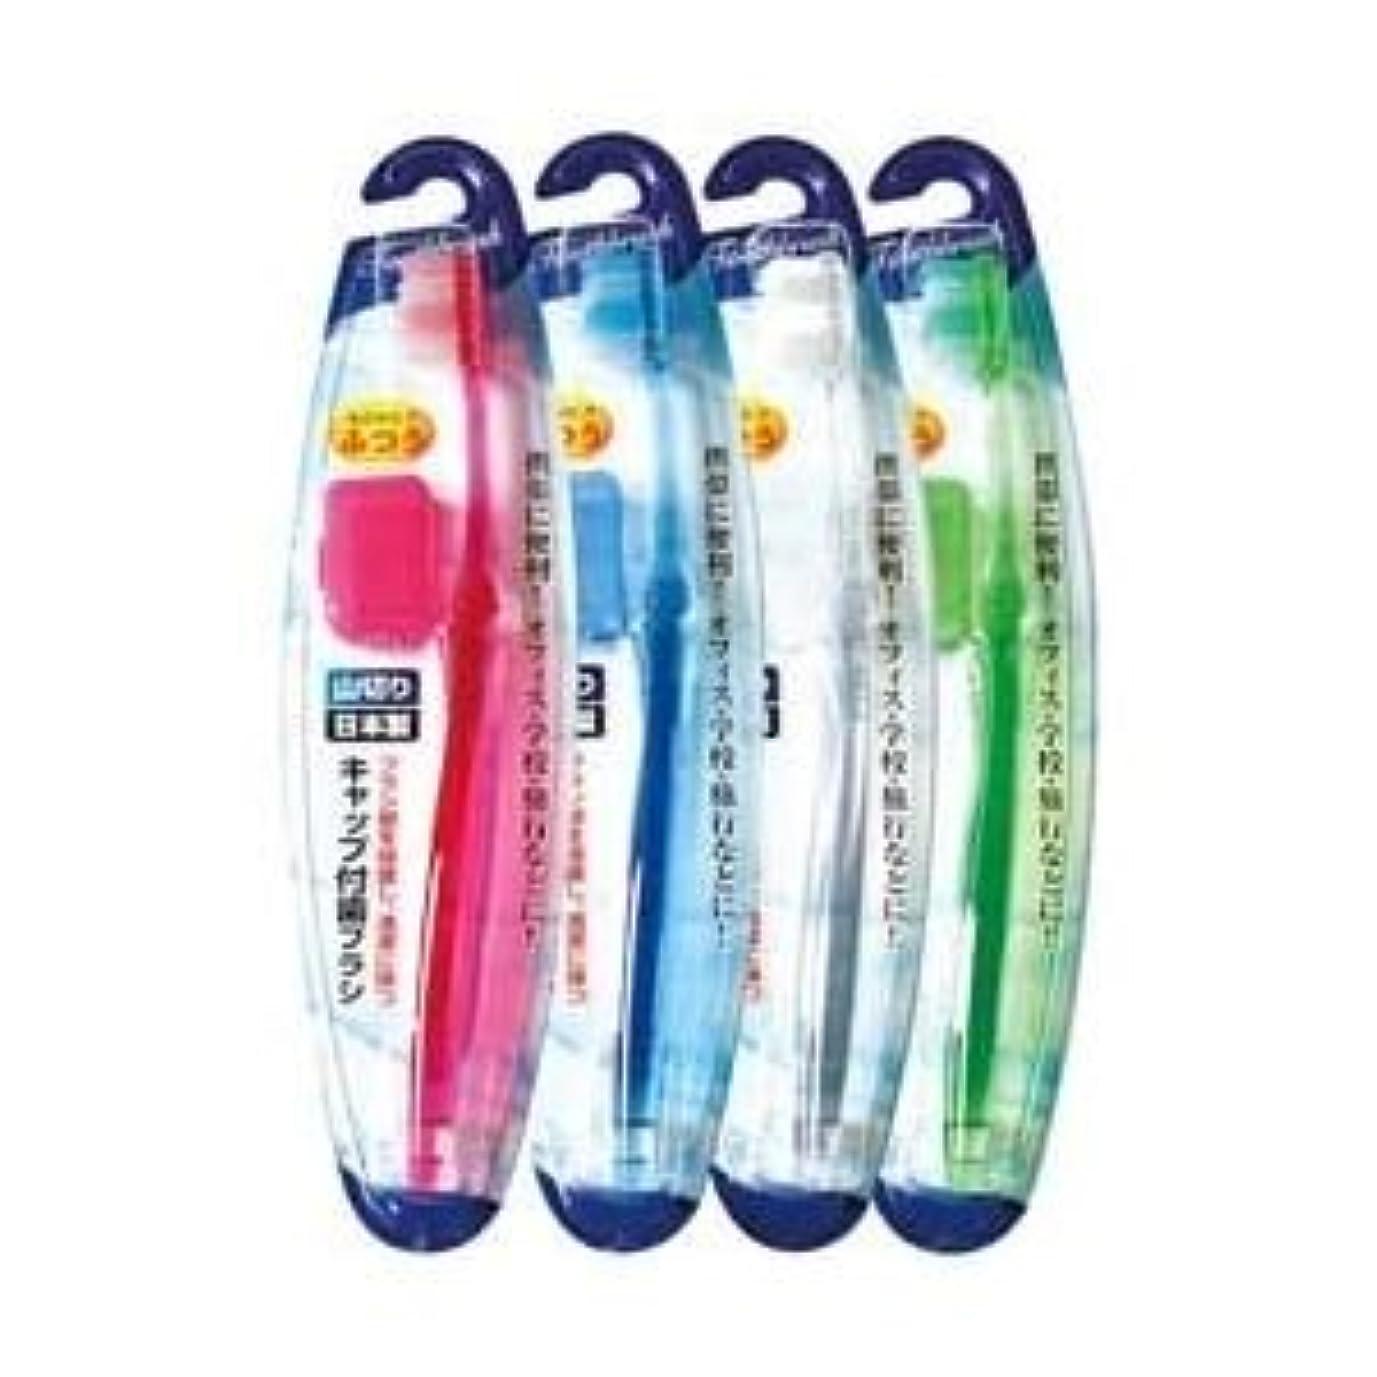 出くわす不屈胚キャップ付歯ブラシ山切りカット(ふつう)日本製 【12個セット】 41-209